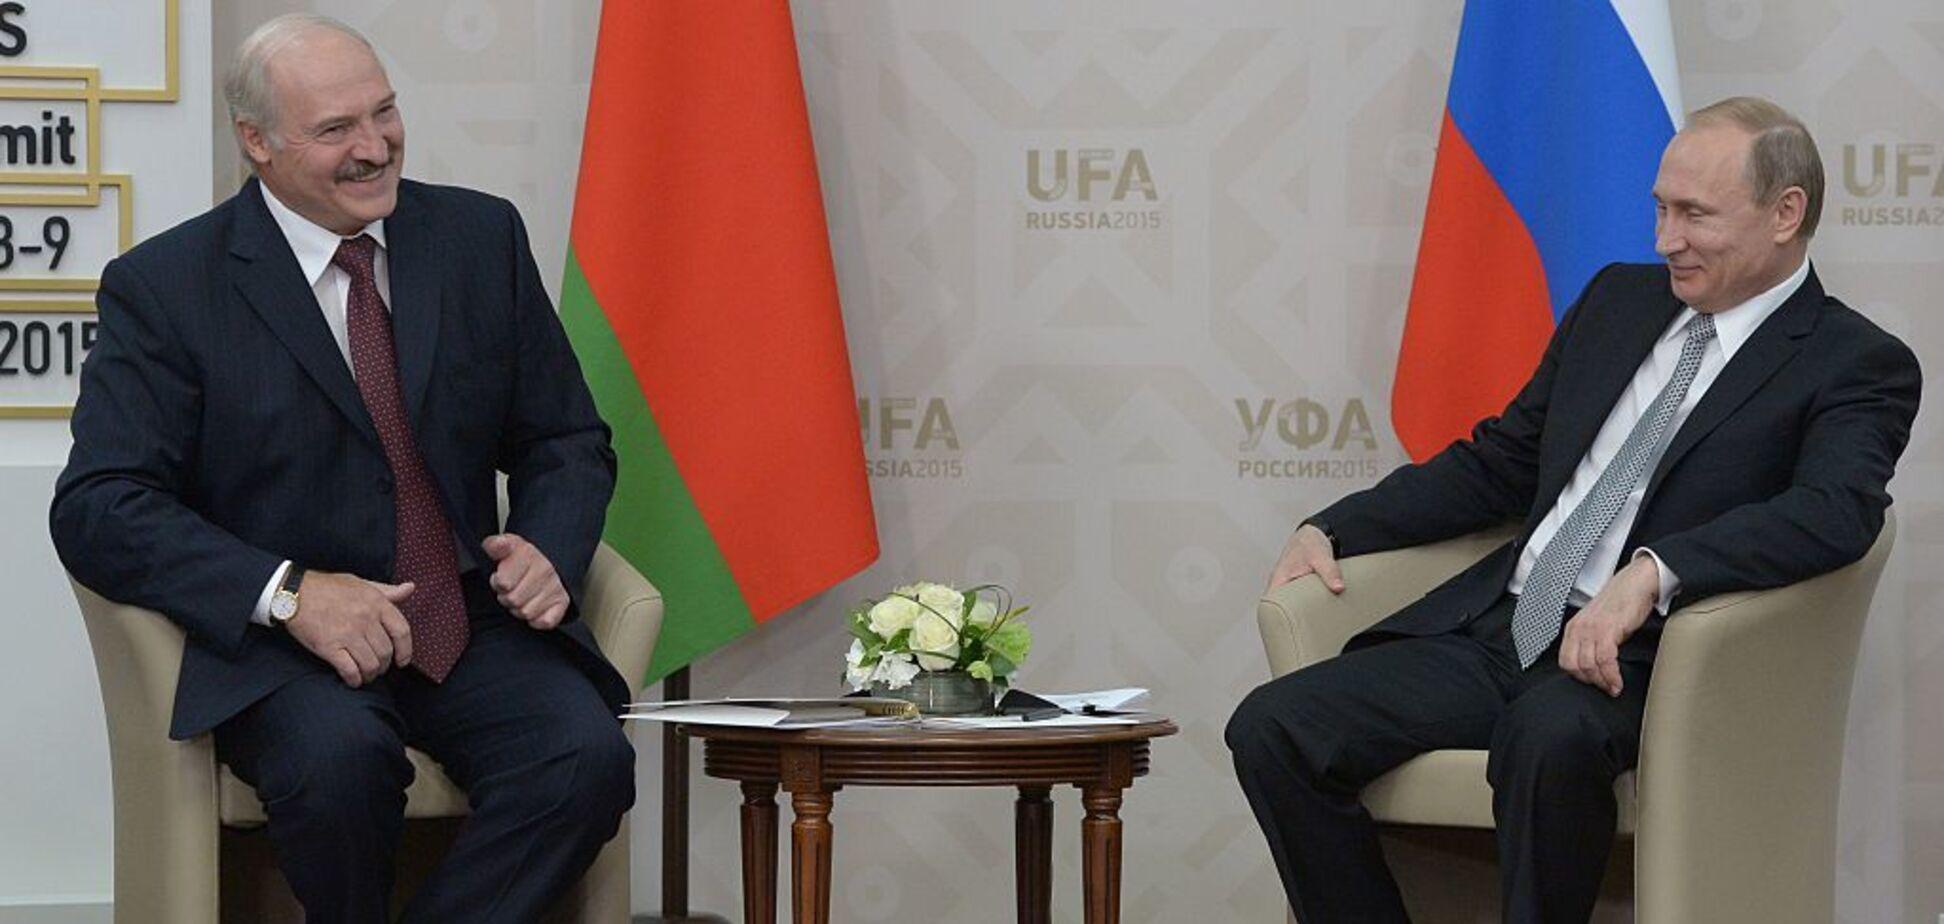 Александр Лукашенко серьезно занервничал